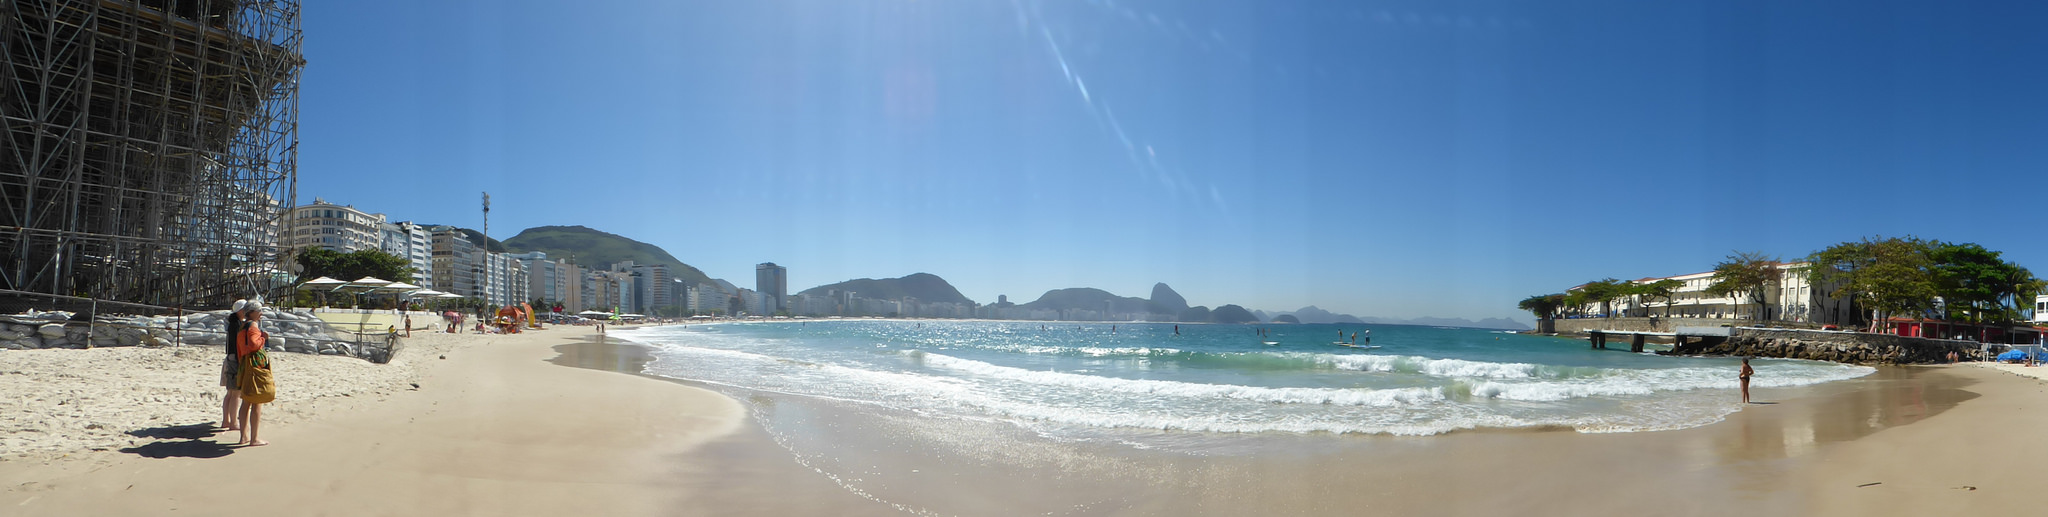 Praia de Copacabana vista do Posto Seis